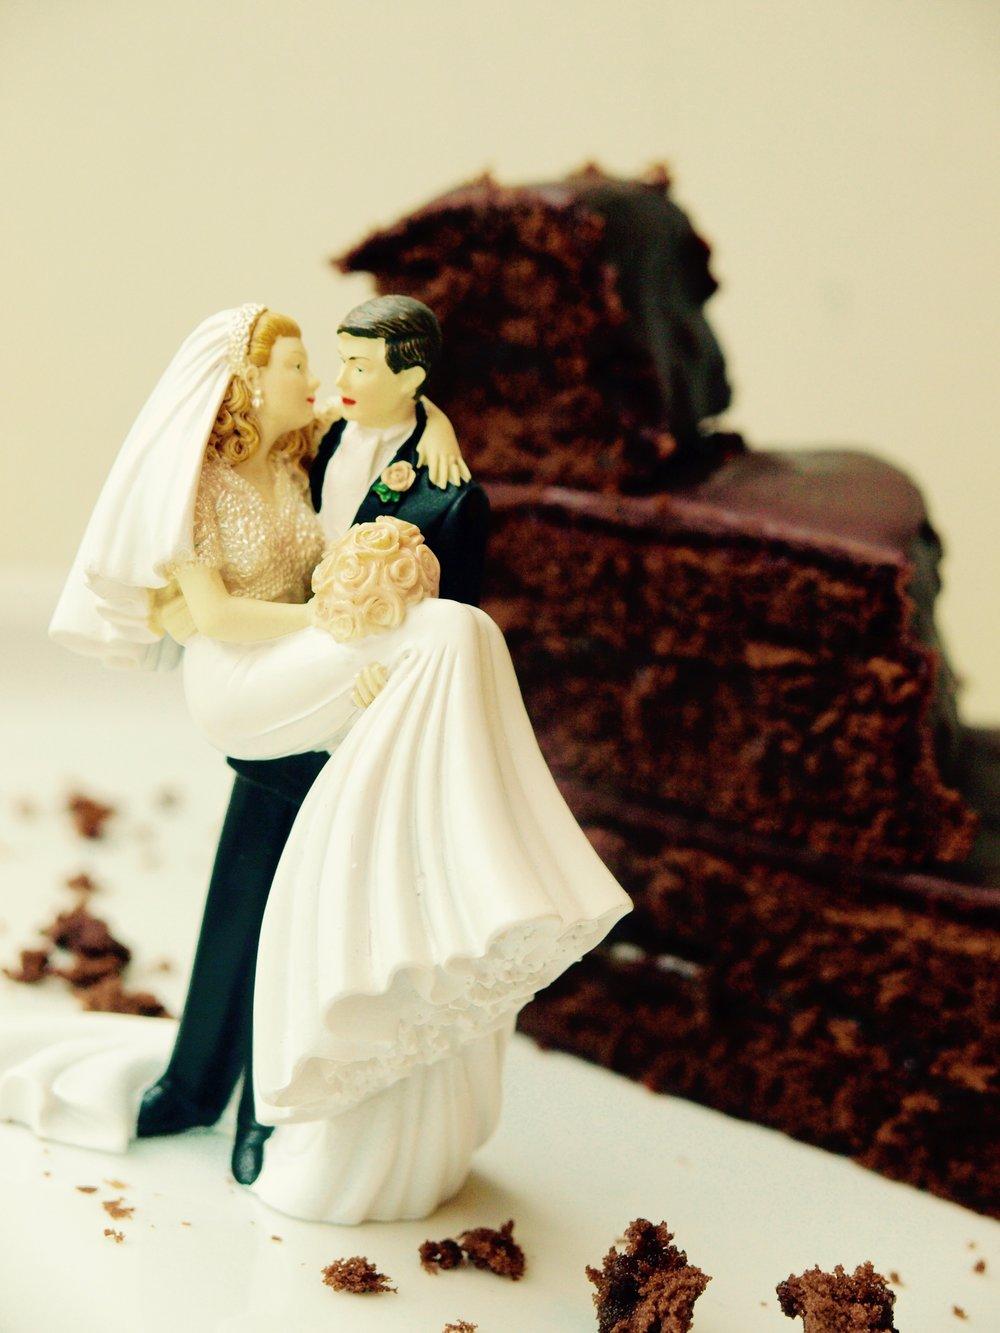 hochzeitstorte-wedding.jpg